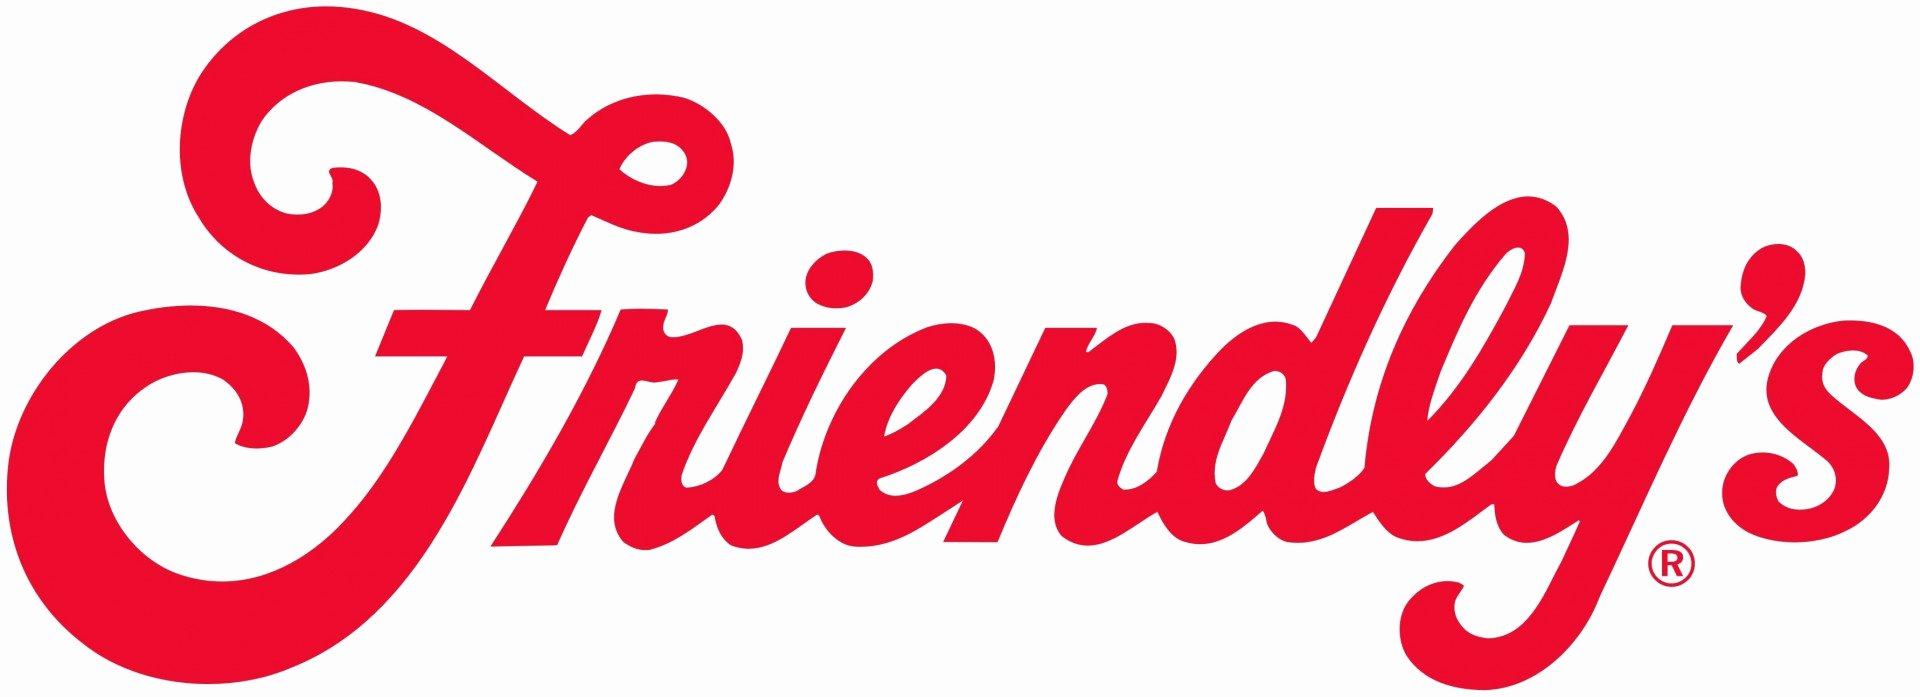 Ice Cream Restaurants Logos Luxury Ice Cream